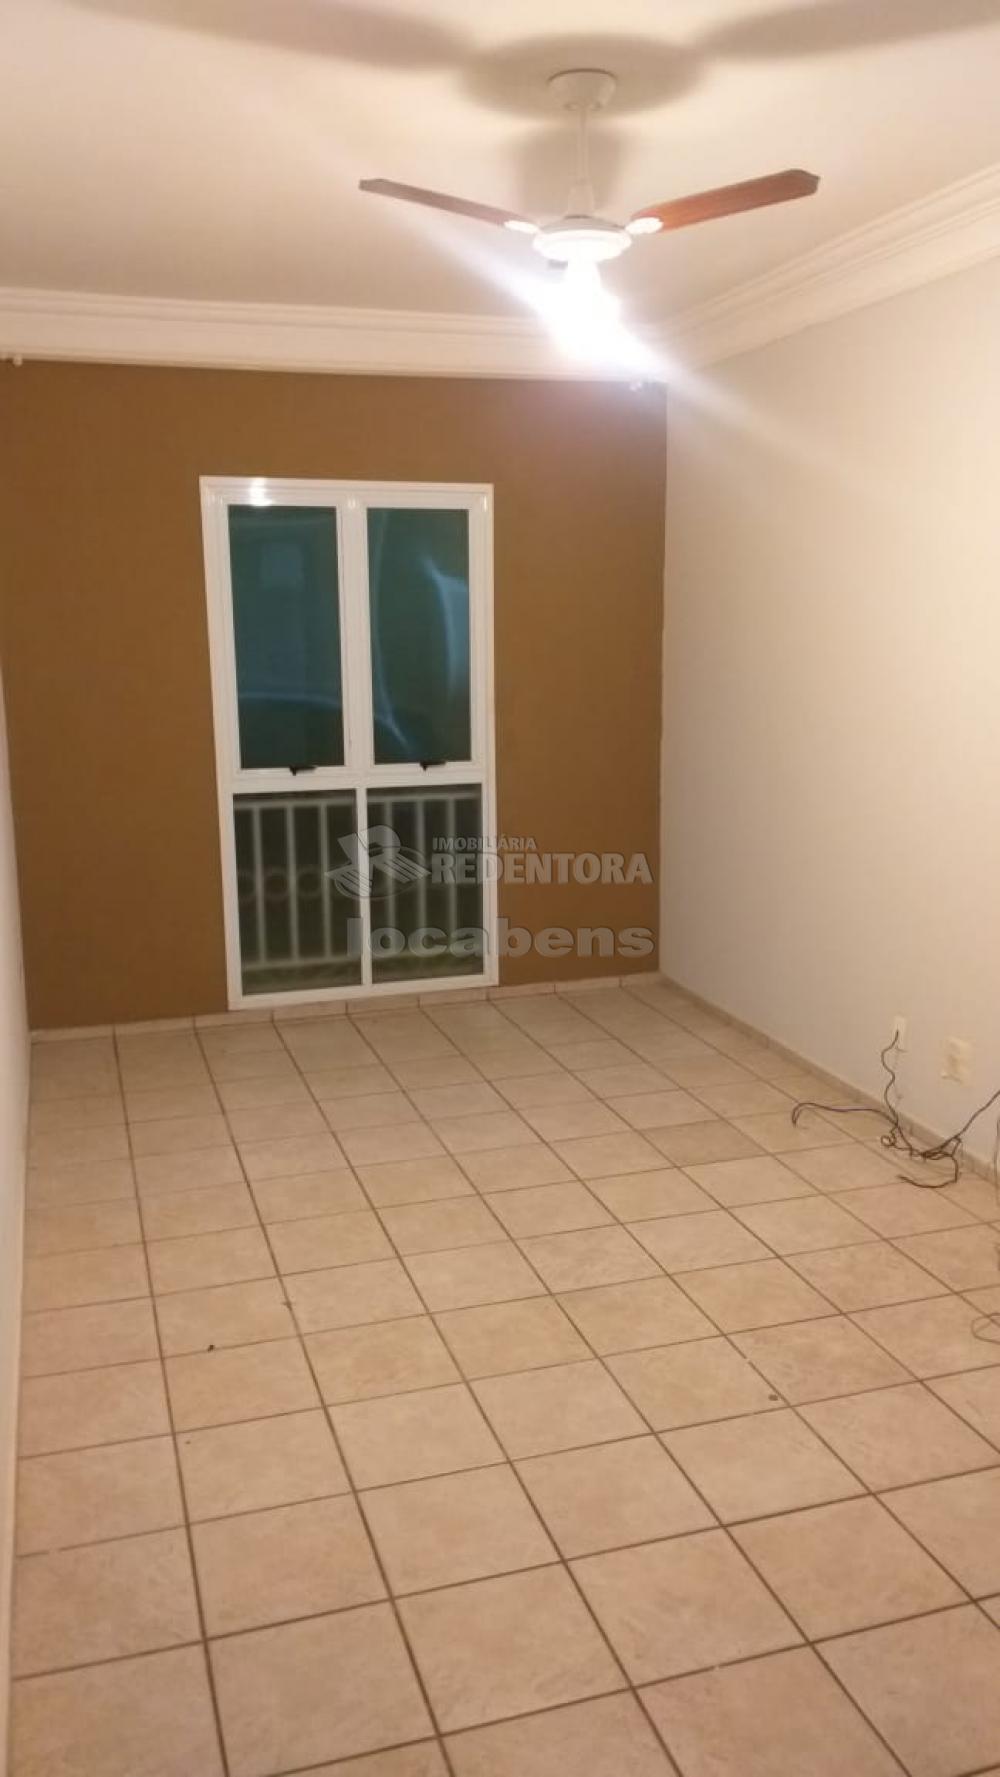 Alugar Apartamento / Padrão em São José do Rio Preto R$ 550,00 - Foto 6